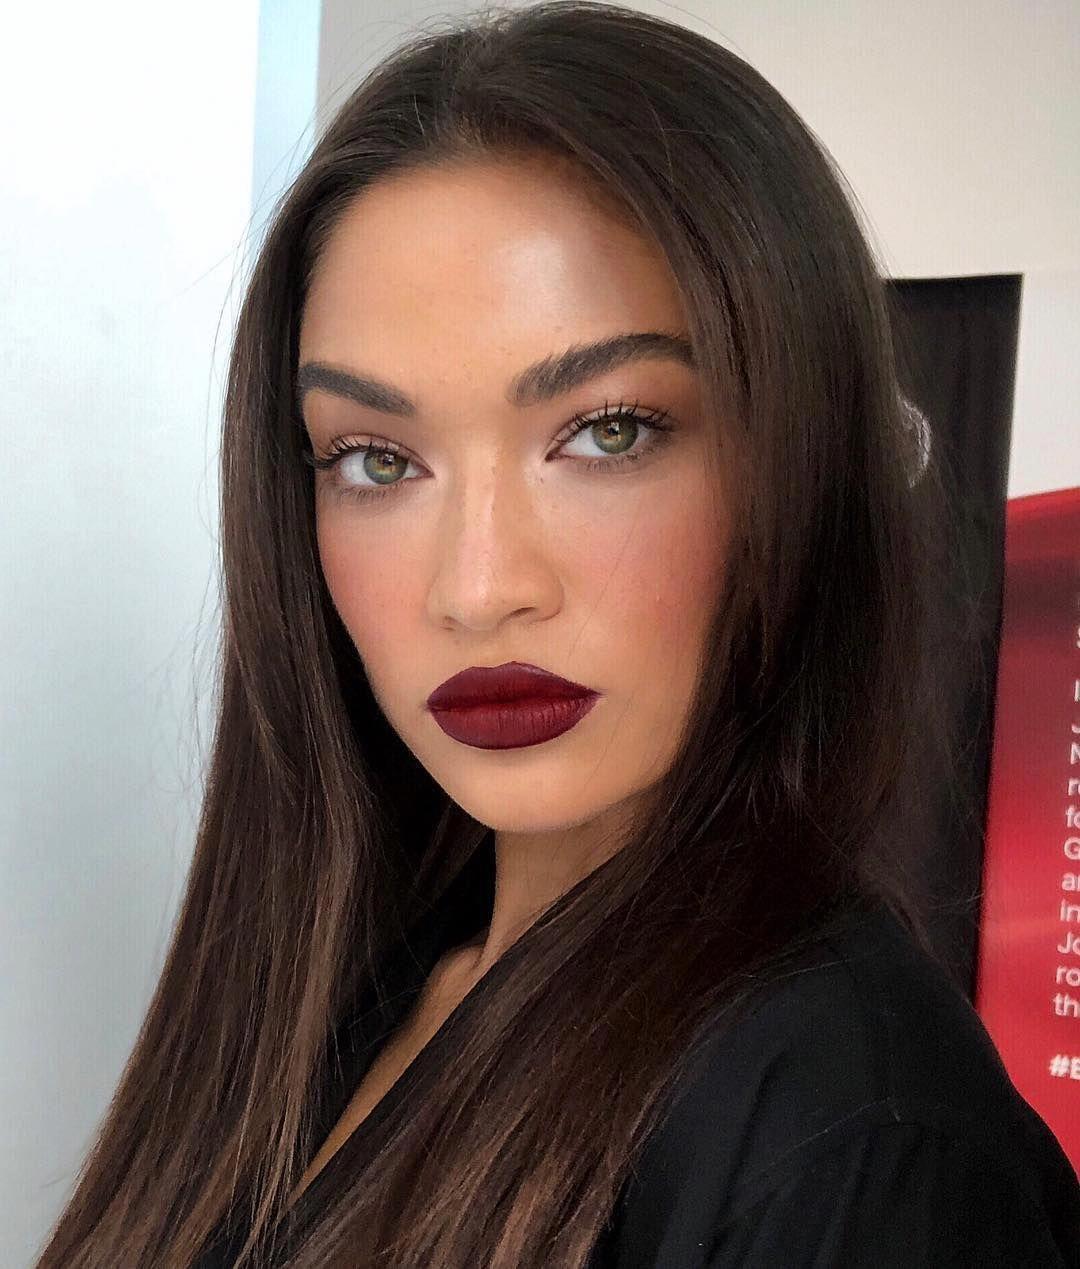 does airbrush makeup look natural